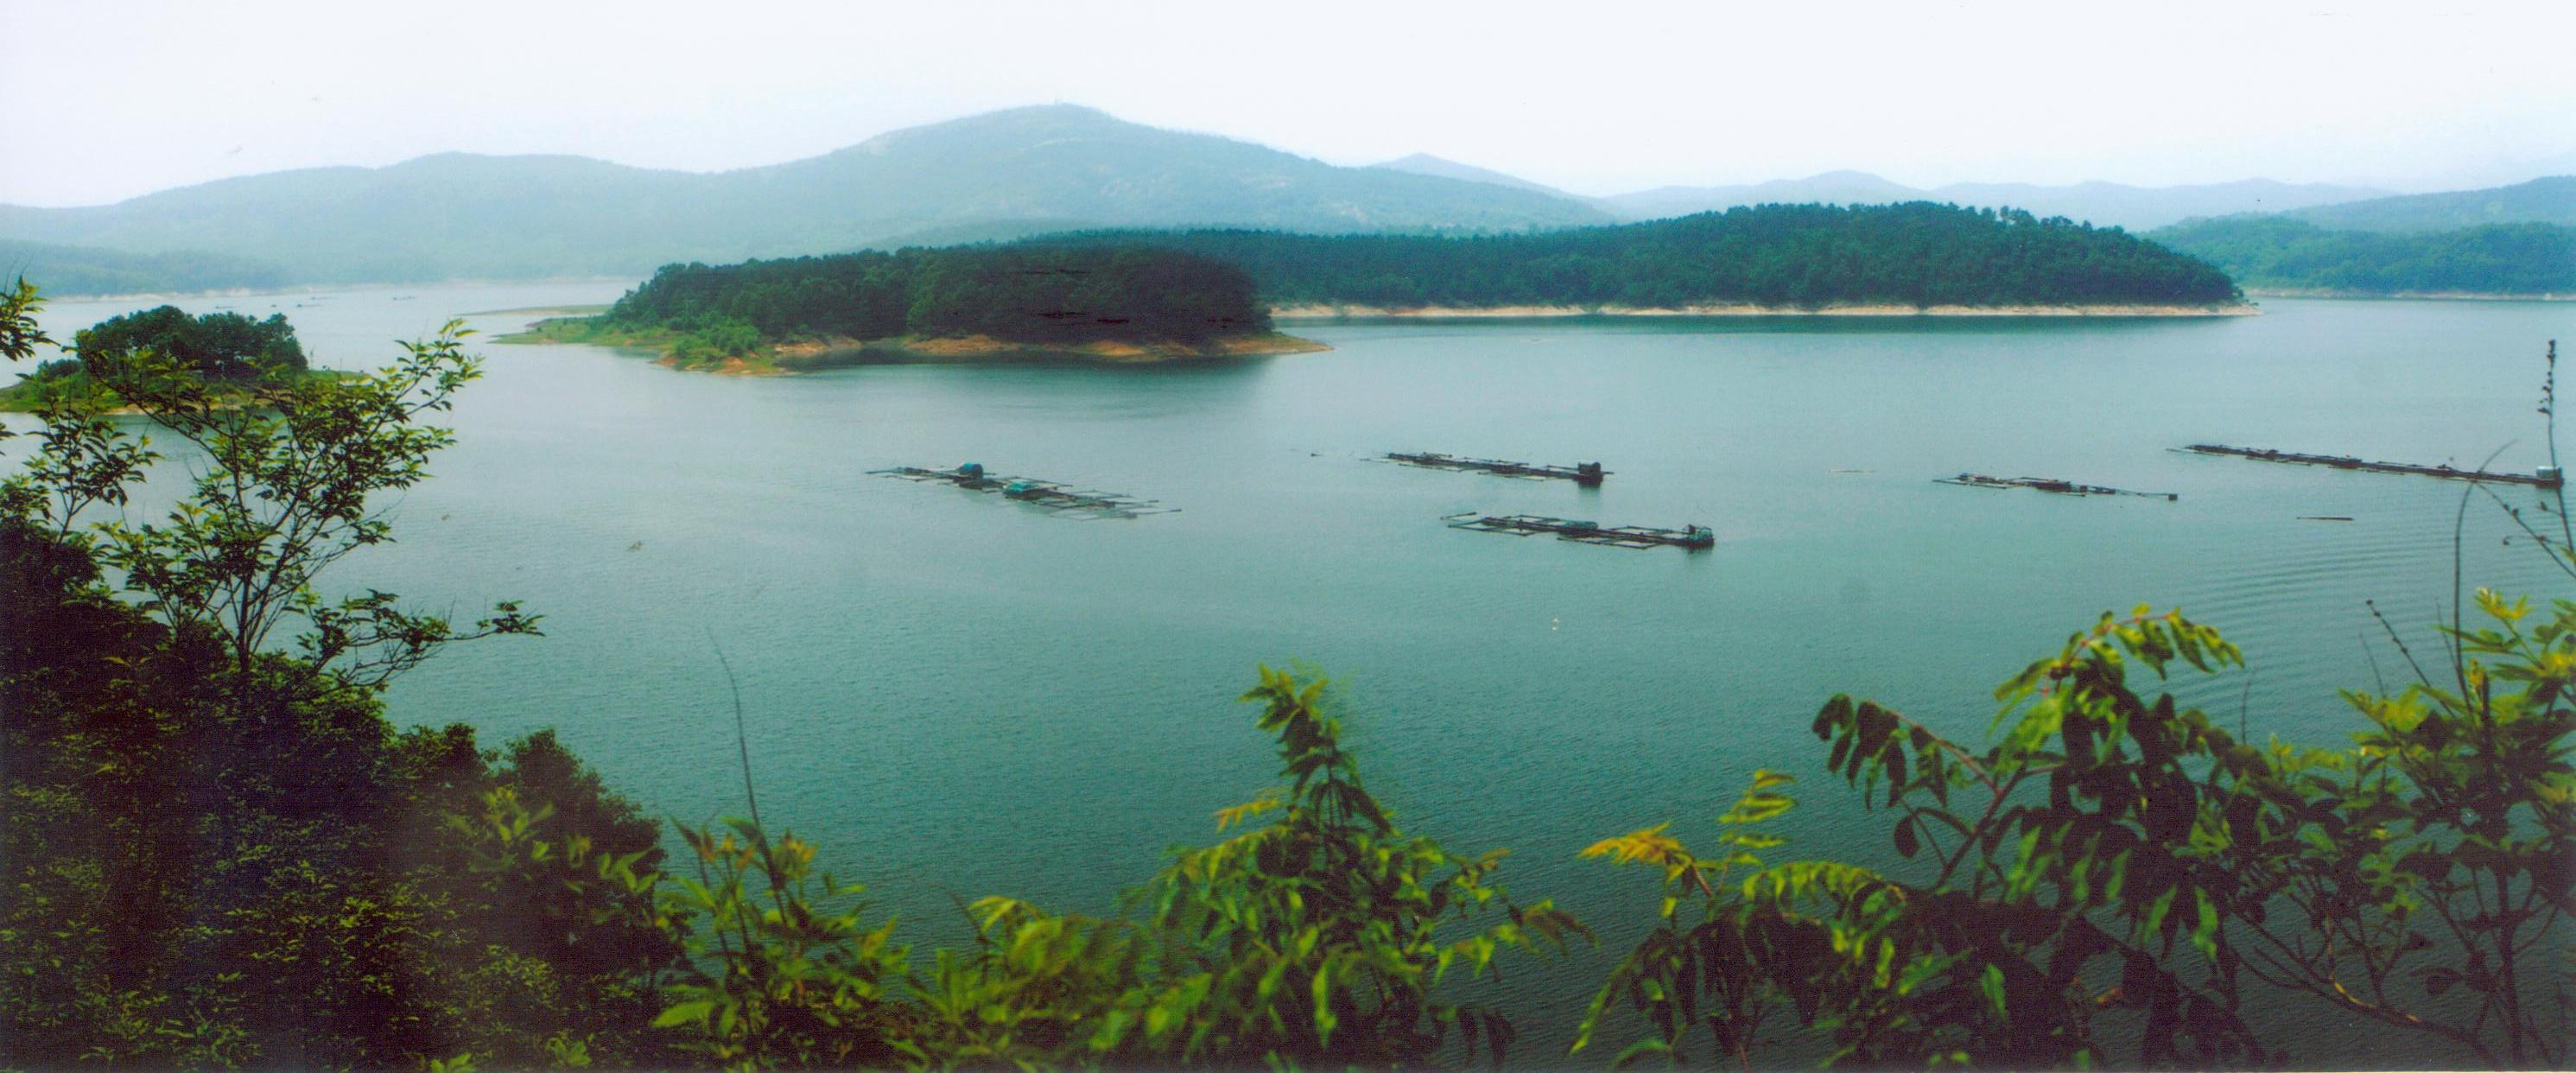 薄山湖风景名胜区位于河南省驻马店市确山县城南l8公里处,京珠高速公